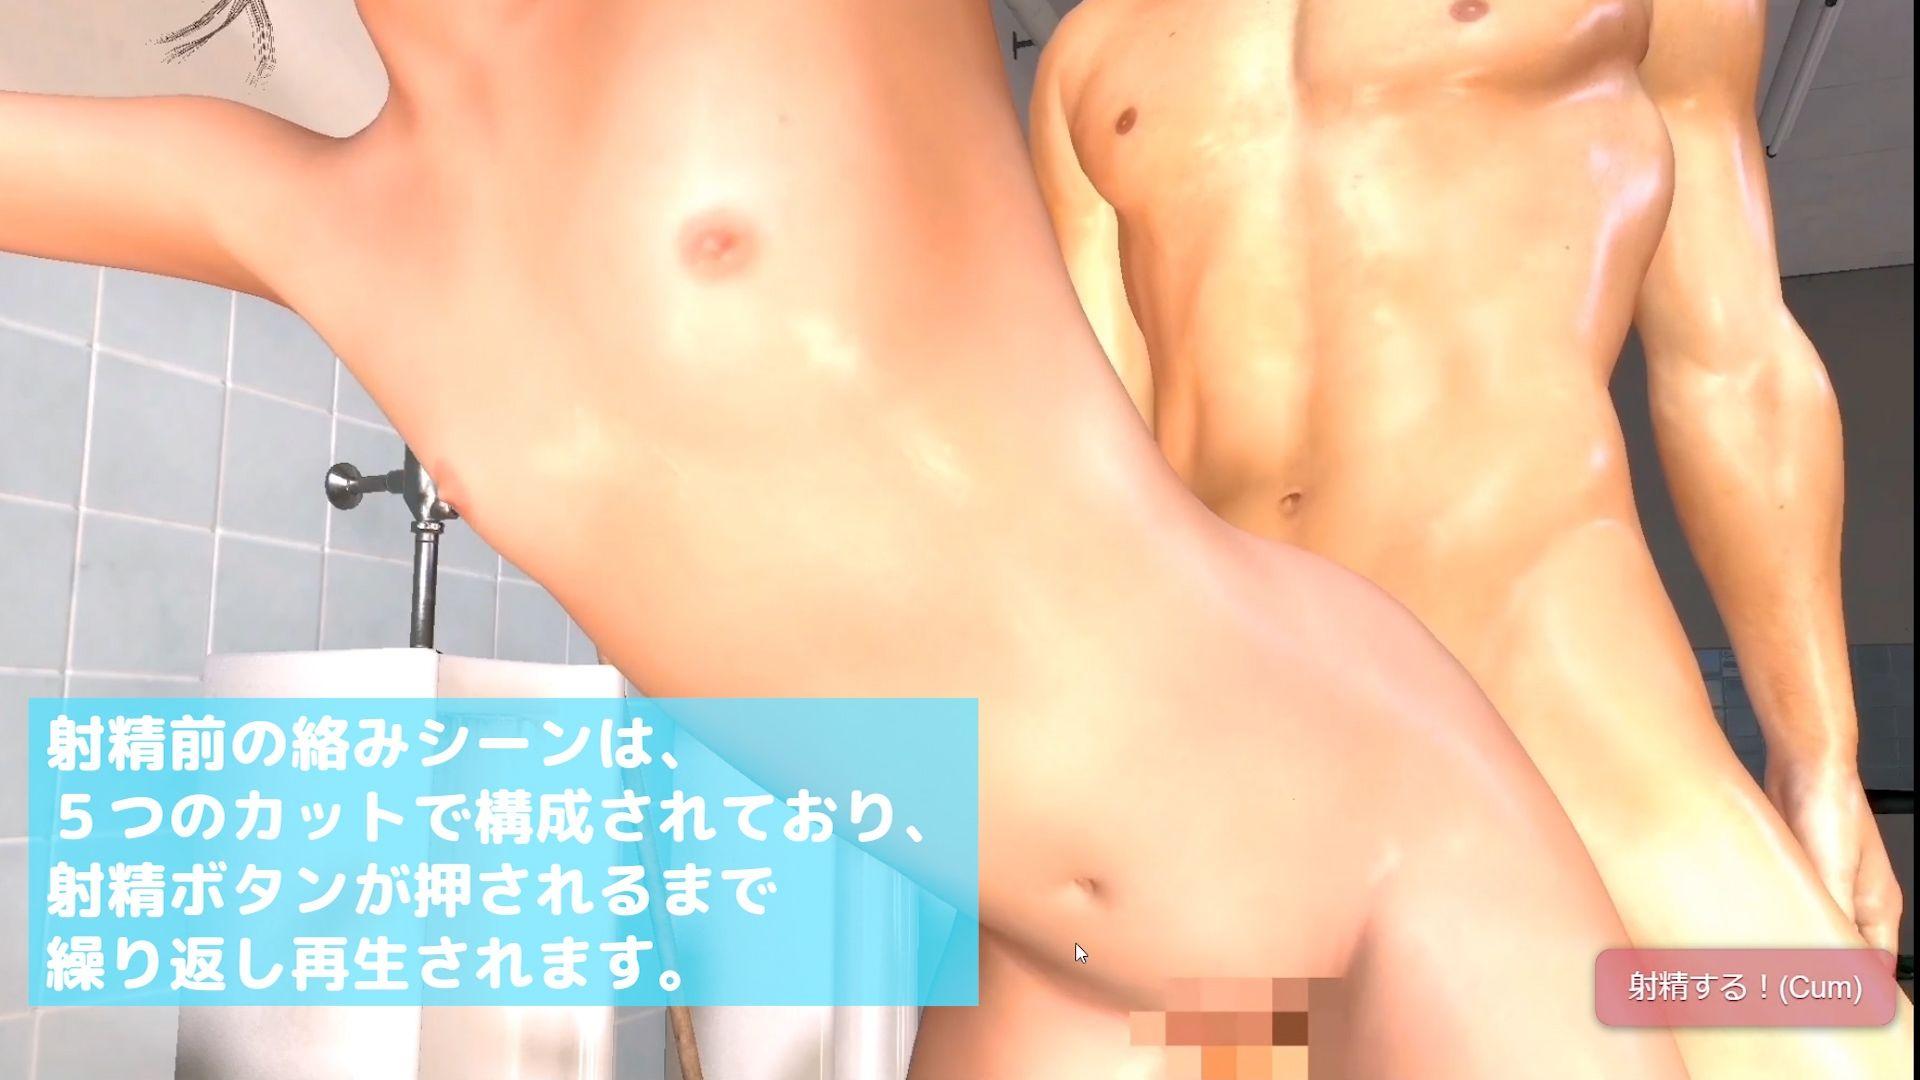 どこでヤル?誰に出す?~姉妹丼シリーズ特別篇~のサンプル画像6